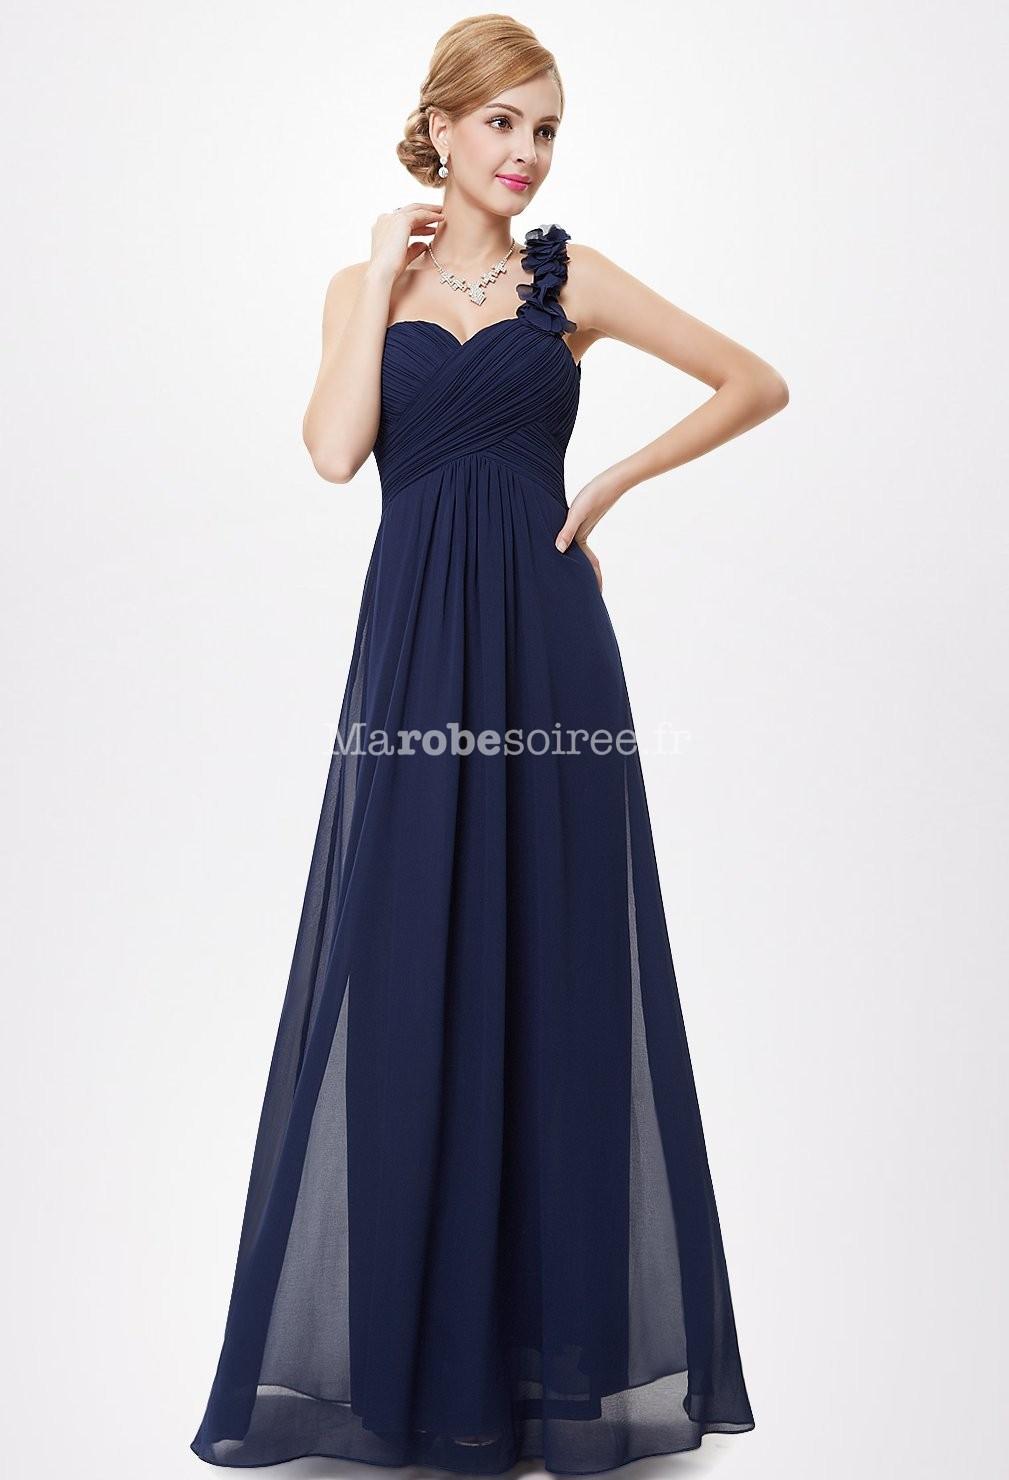 Robe de soiree bleu marine longue